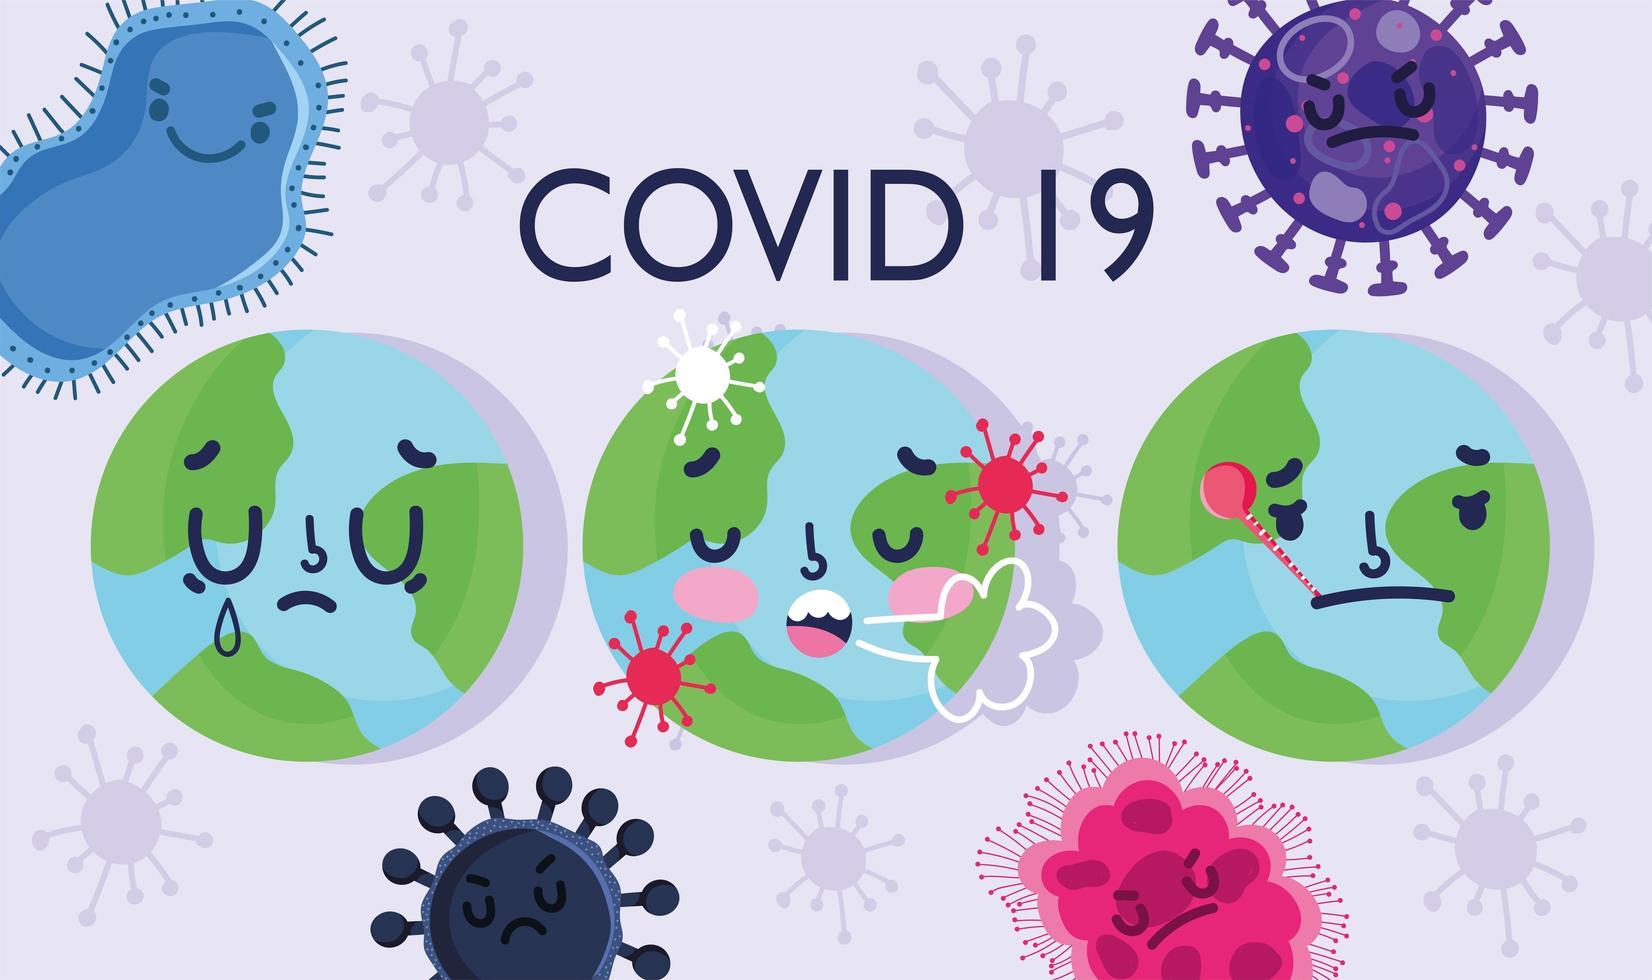 Covid 19 Virus Pandemie Poster Design mit Welten vektor